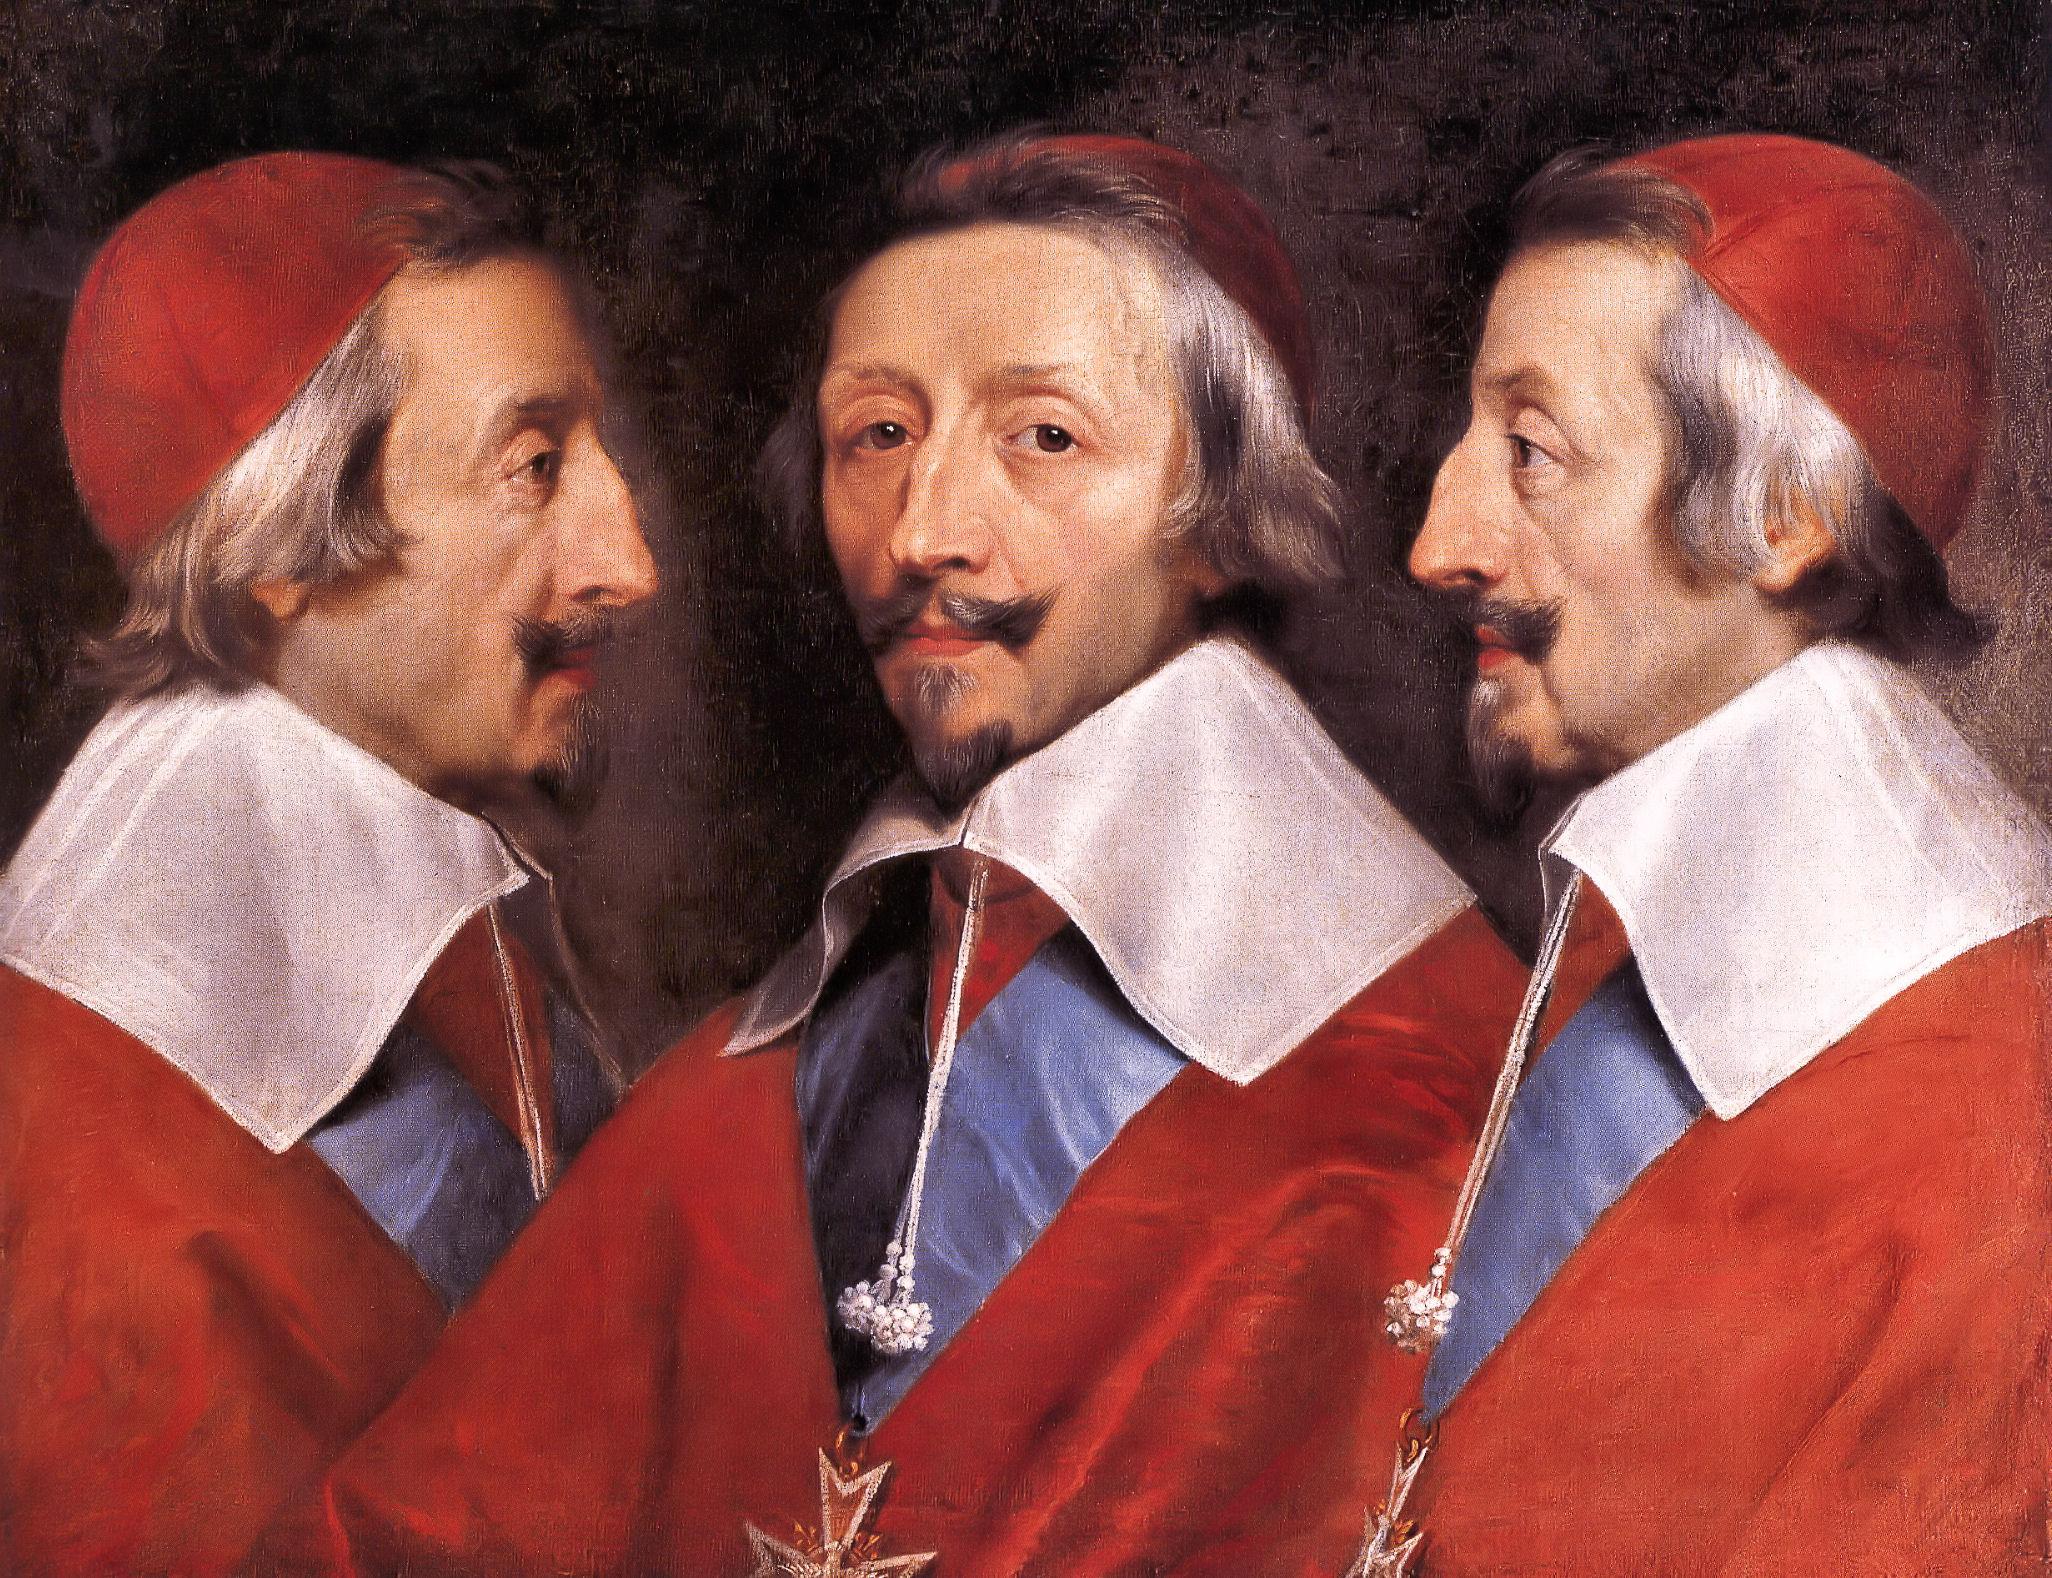 La storia del cardinale Richelieu